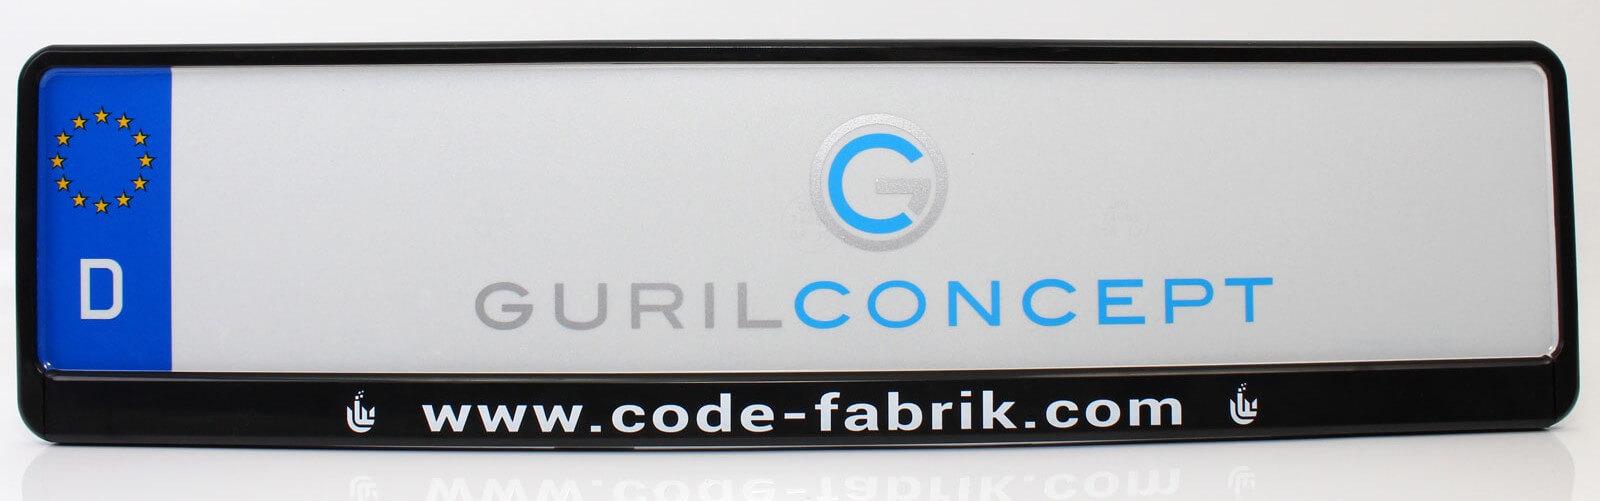 Bedruckte Firmen- und Unternehmens Kennzeichenhalterung (Codefabrik)